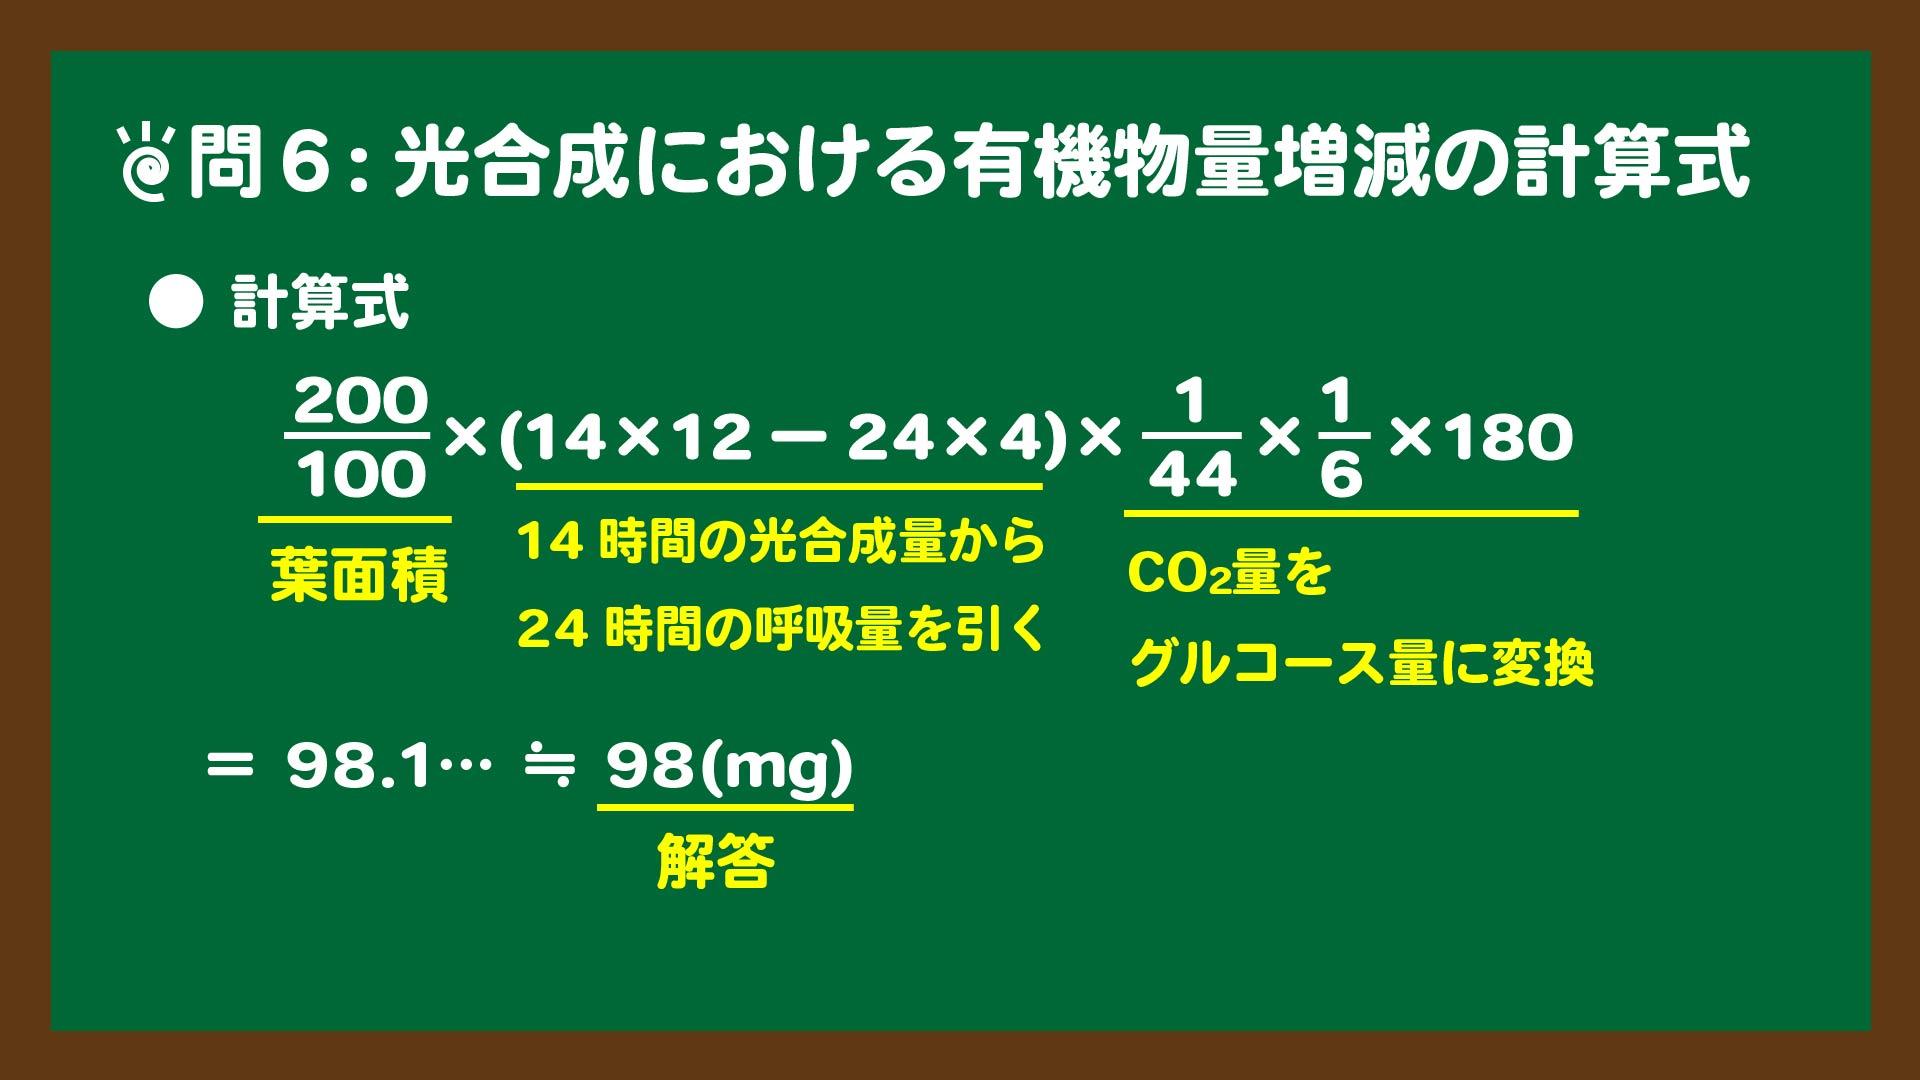 問6:光合成における有機物量増減の計算式のスライド